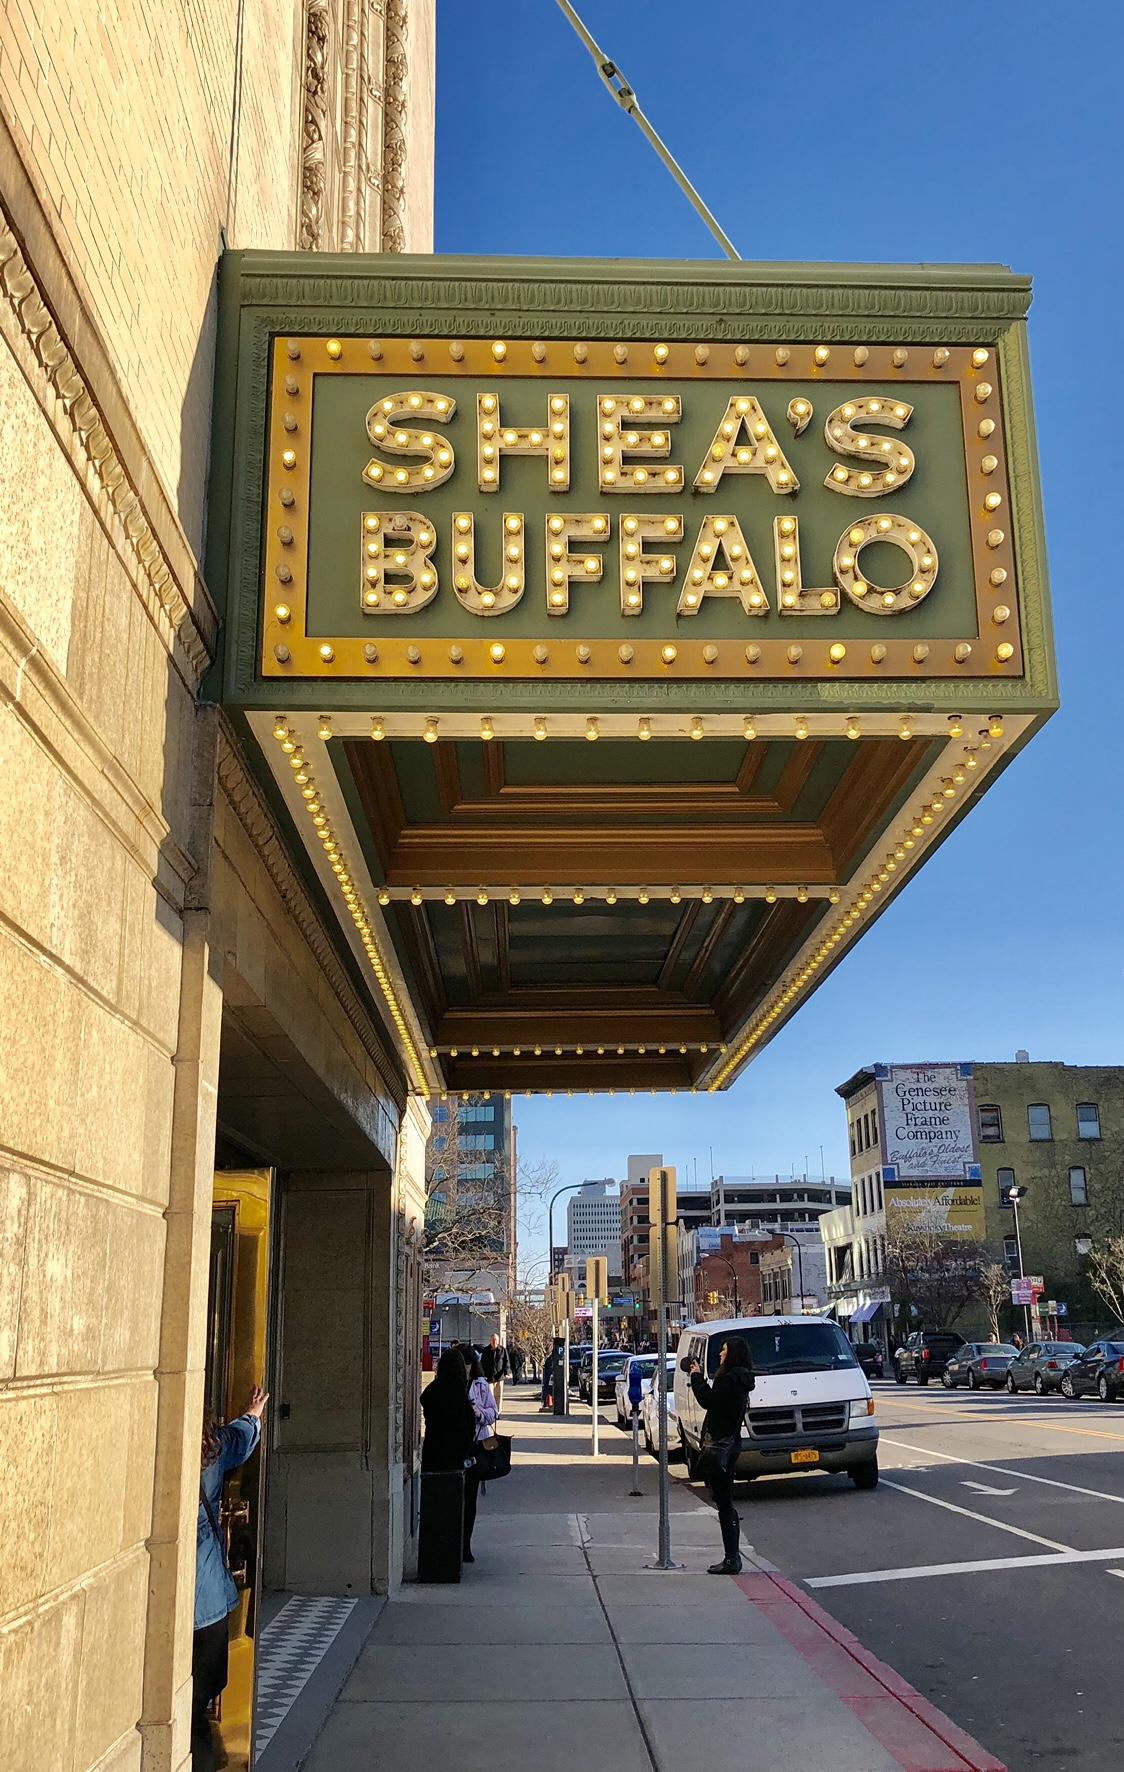 Shea's Performing Arts Center #sheas #buffalo #buffalony #sheasbuffalo #buffalotheaterdistrict